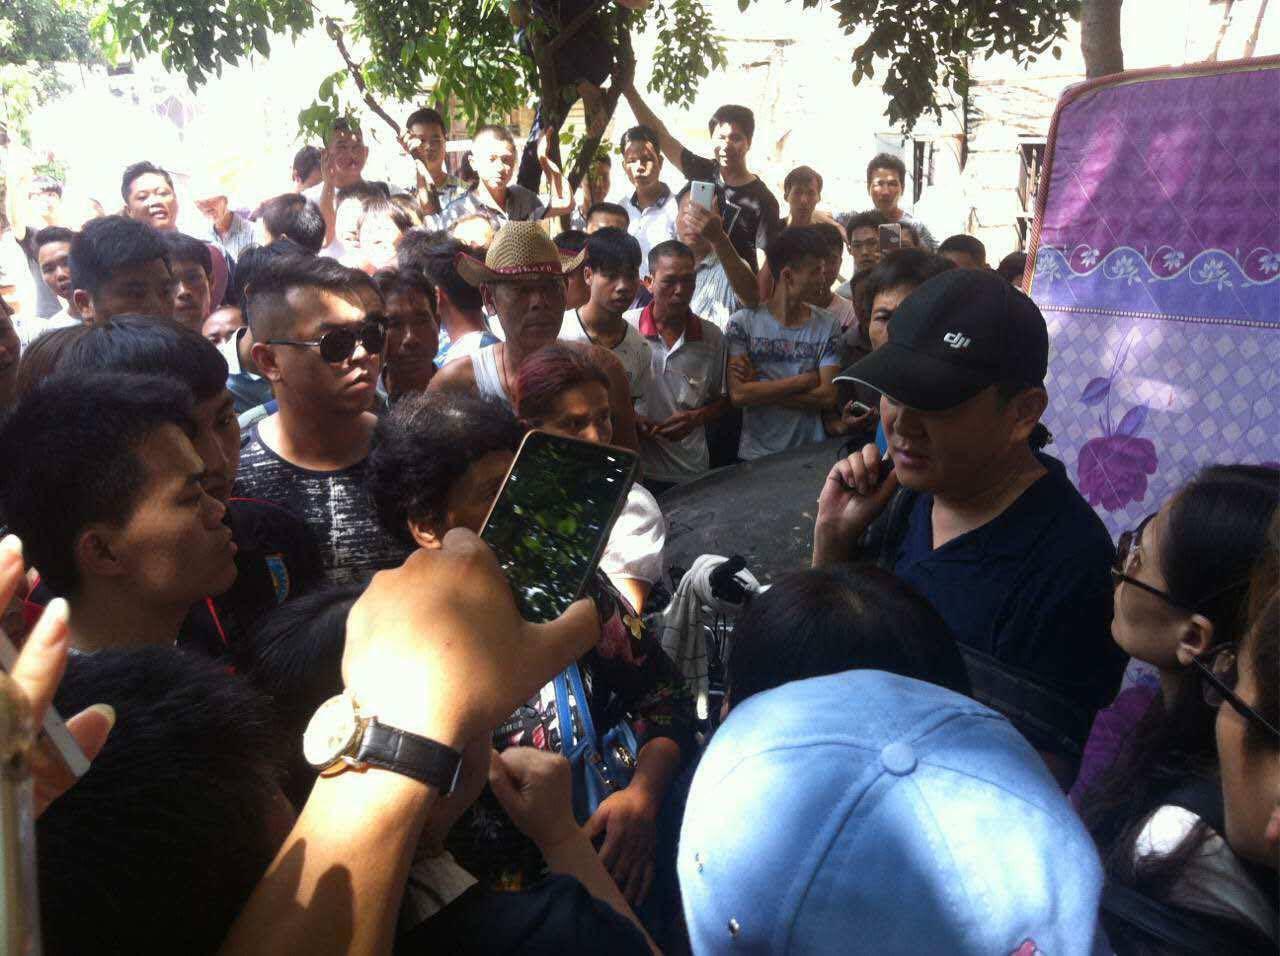 有人阻礙市民拍攝(騰訊拍客圖片)